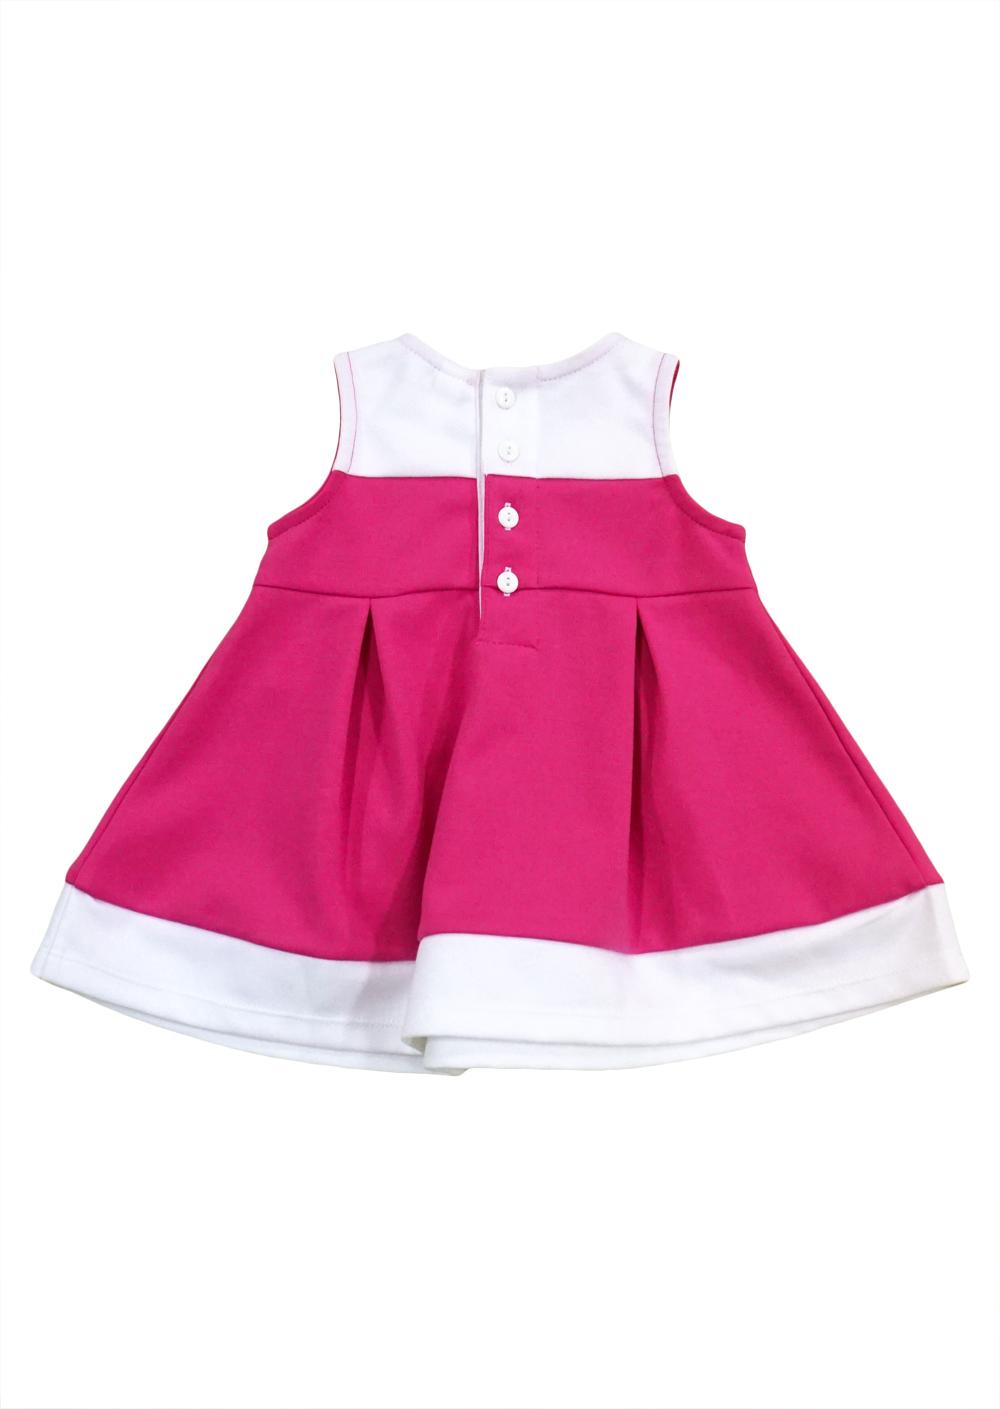 d69608e7a Newborn-Dress 1